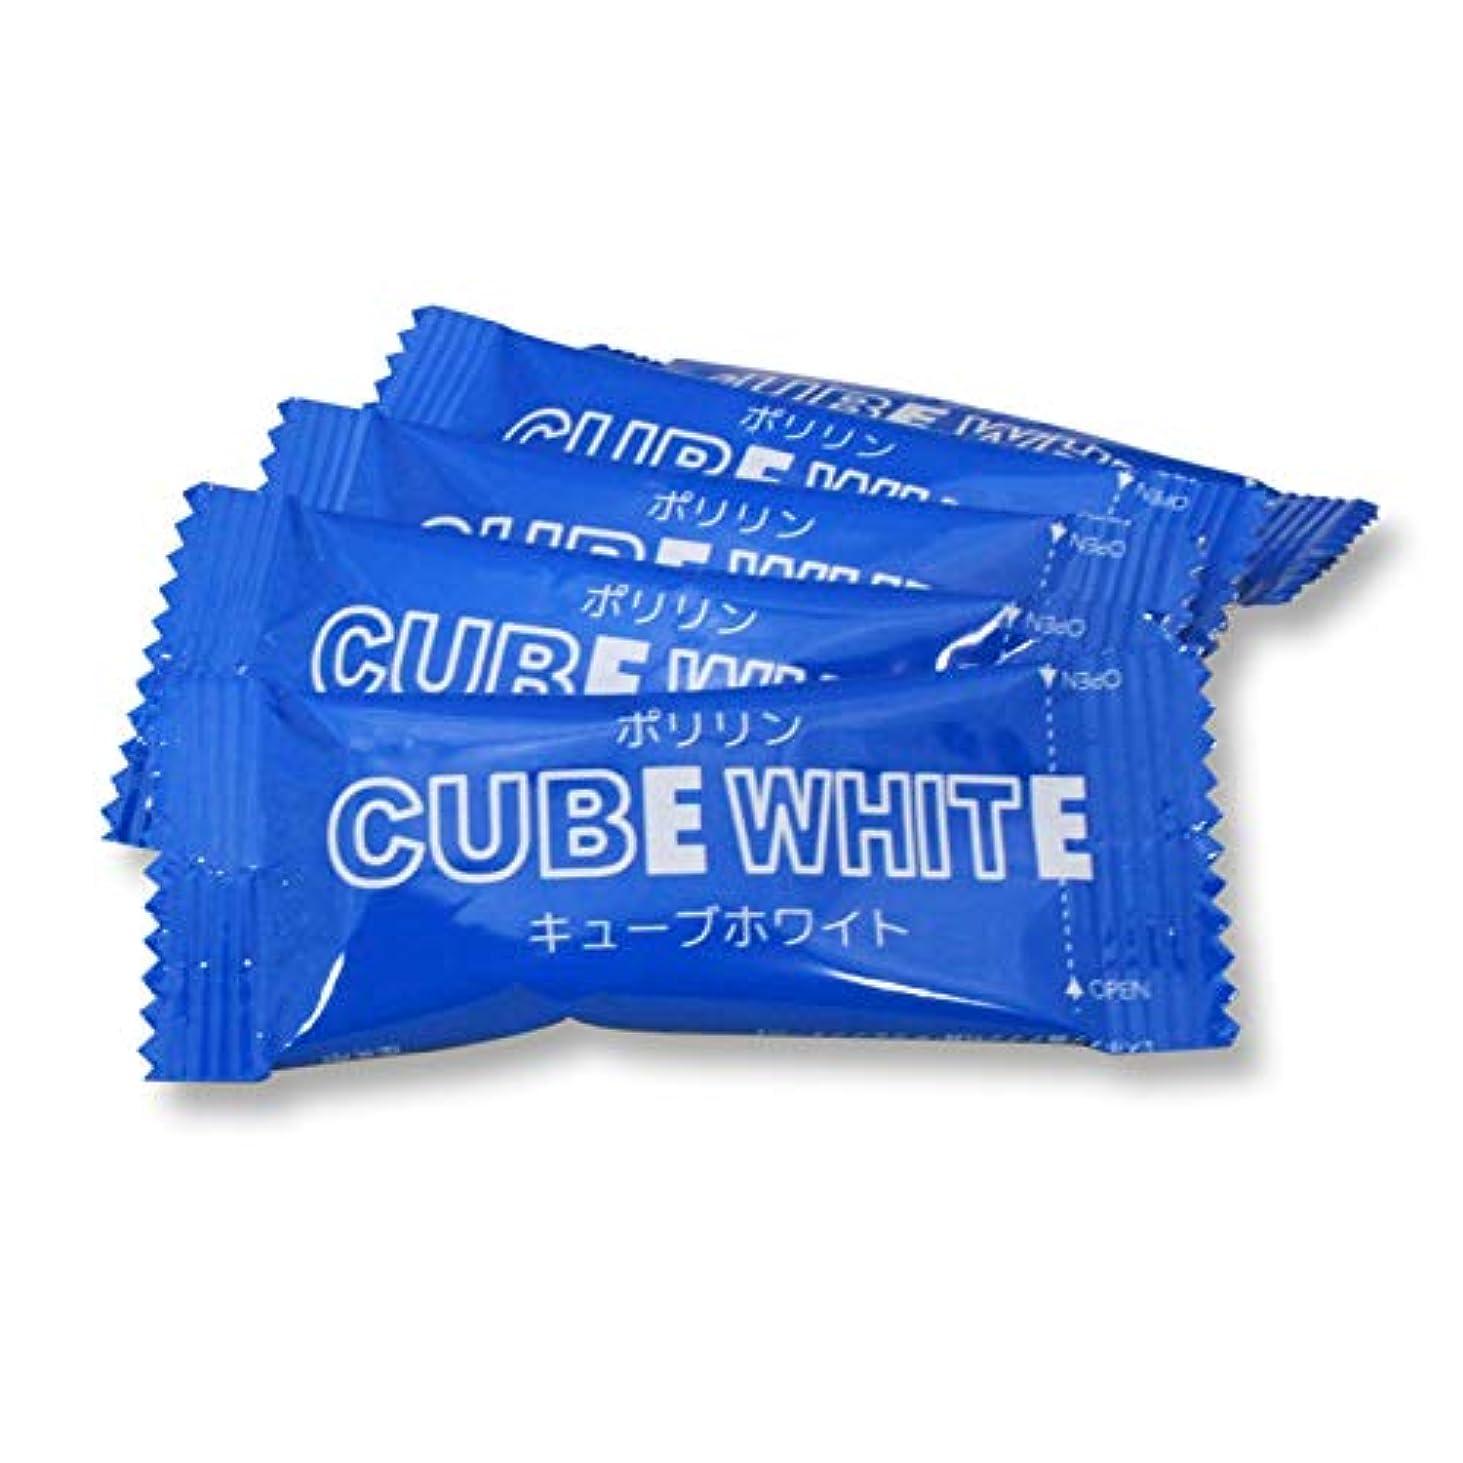 放置を必要としています多様性リジェンティス キューブホワイト 【5袋入】 歯面専用 スポンジ 歯 ブラシ 付き ホワイトニング 歯磨き